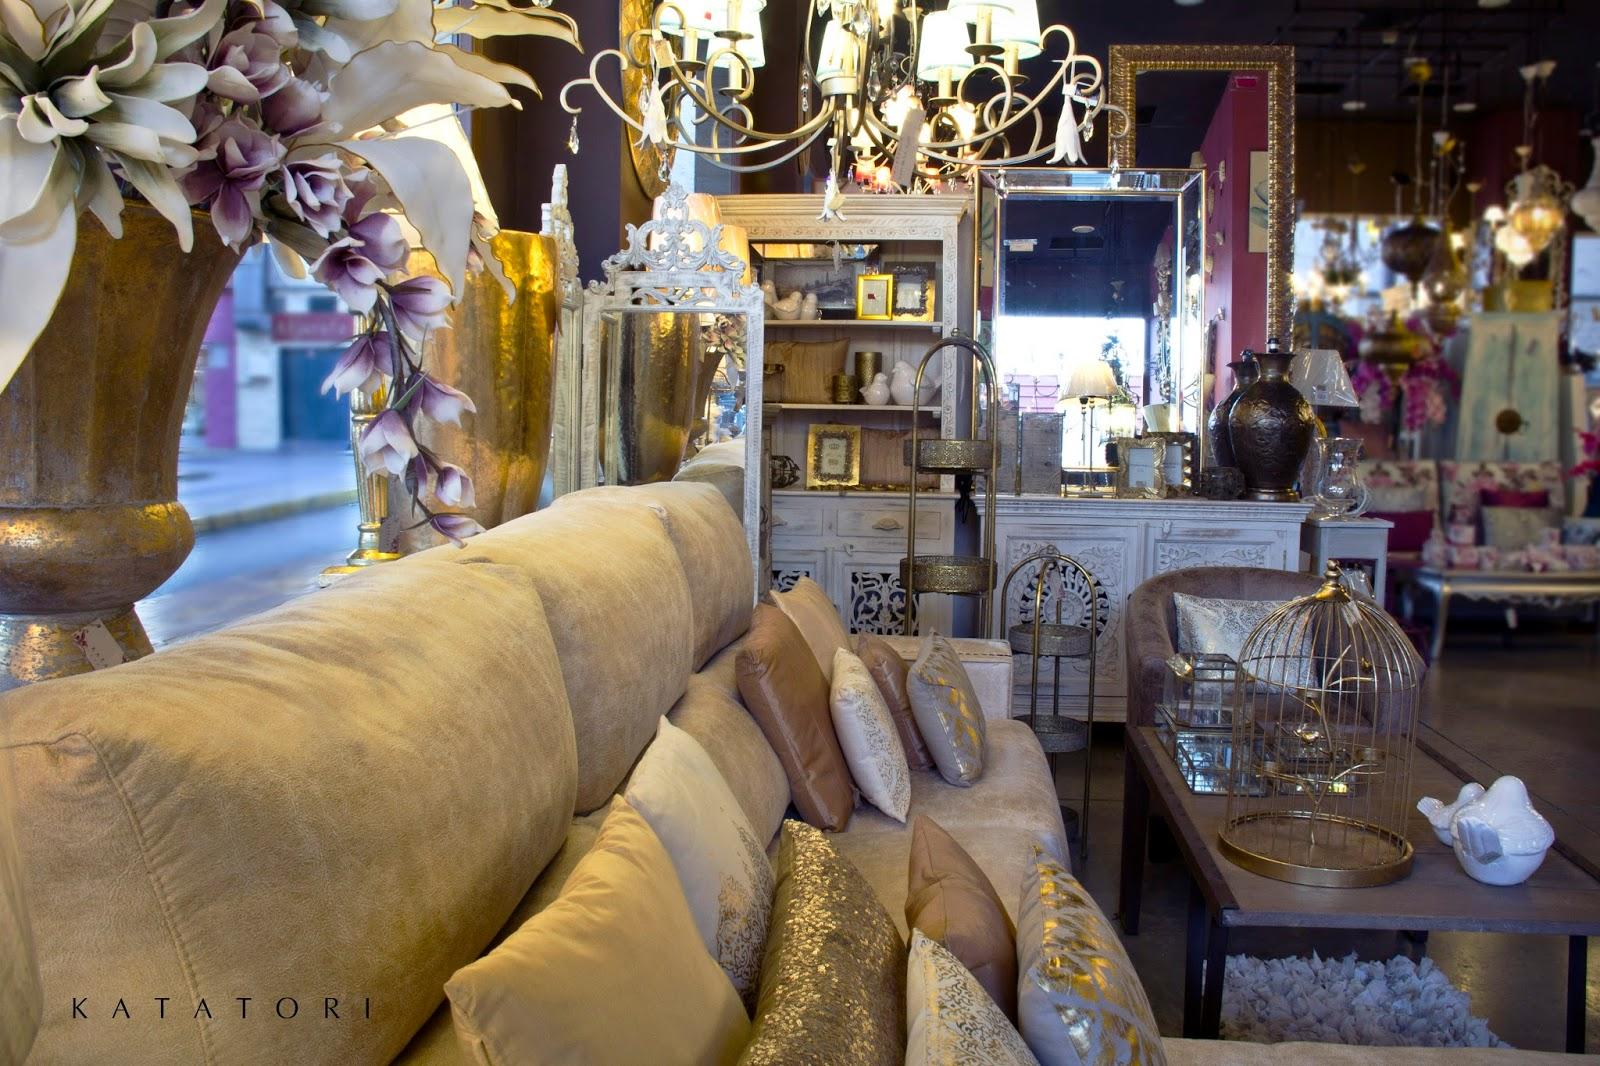 Katatori interiores espacio en tonos claros y toques for Muebles poligono el manchon